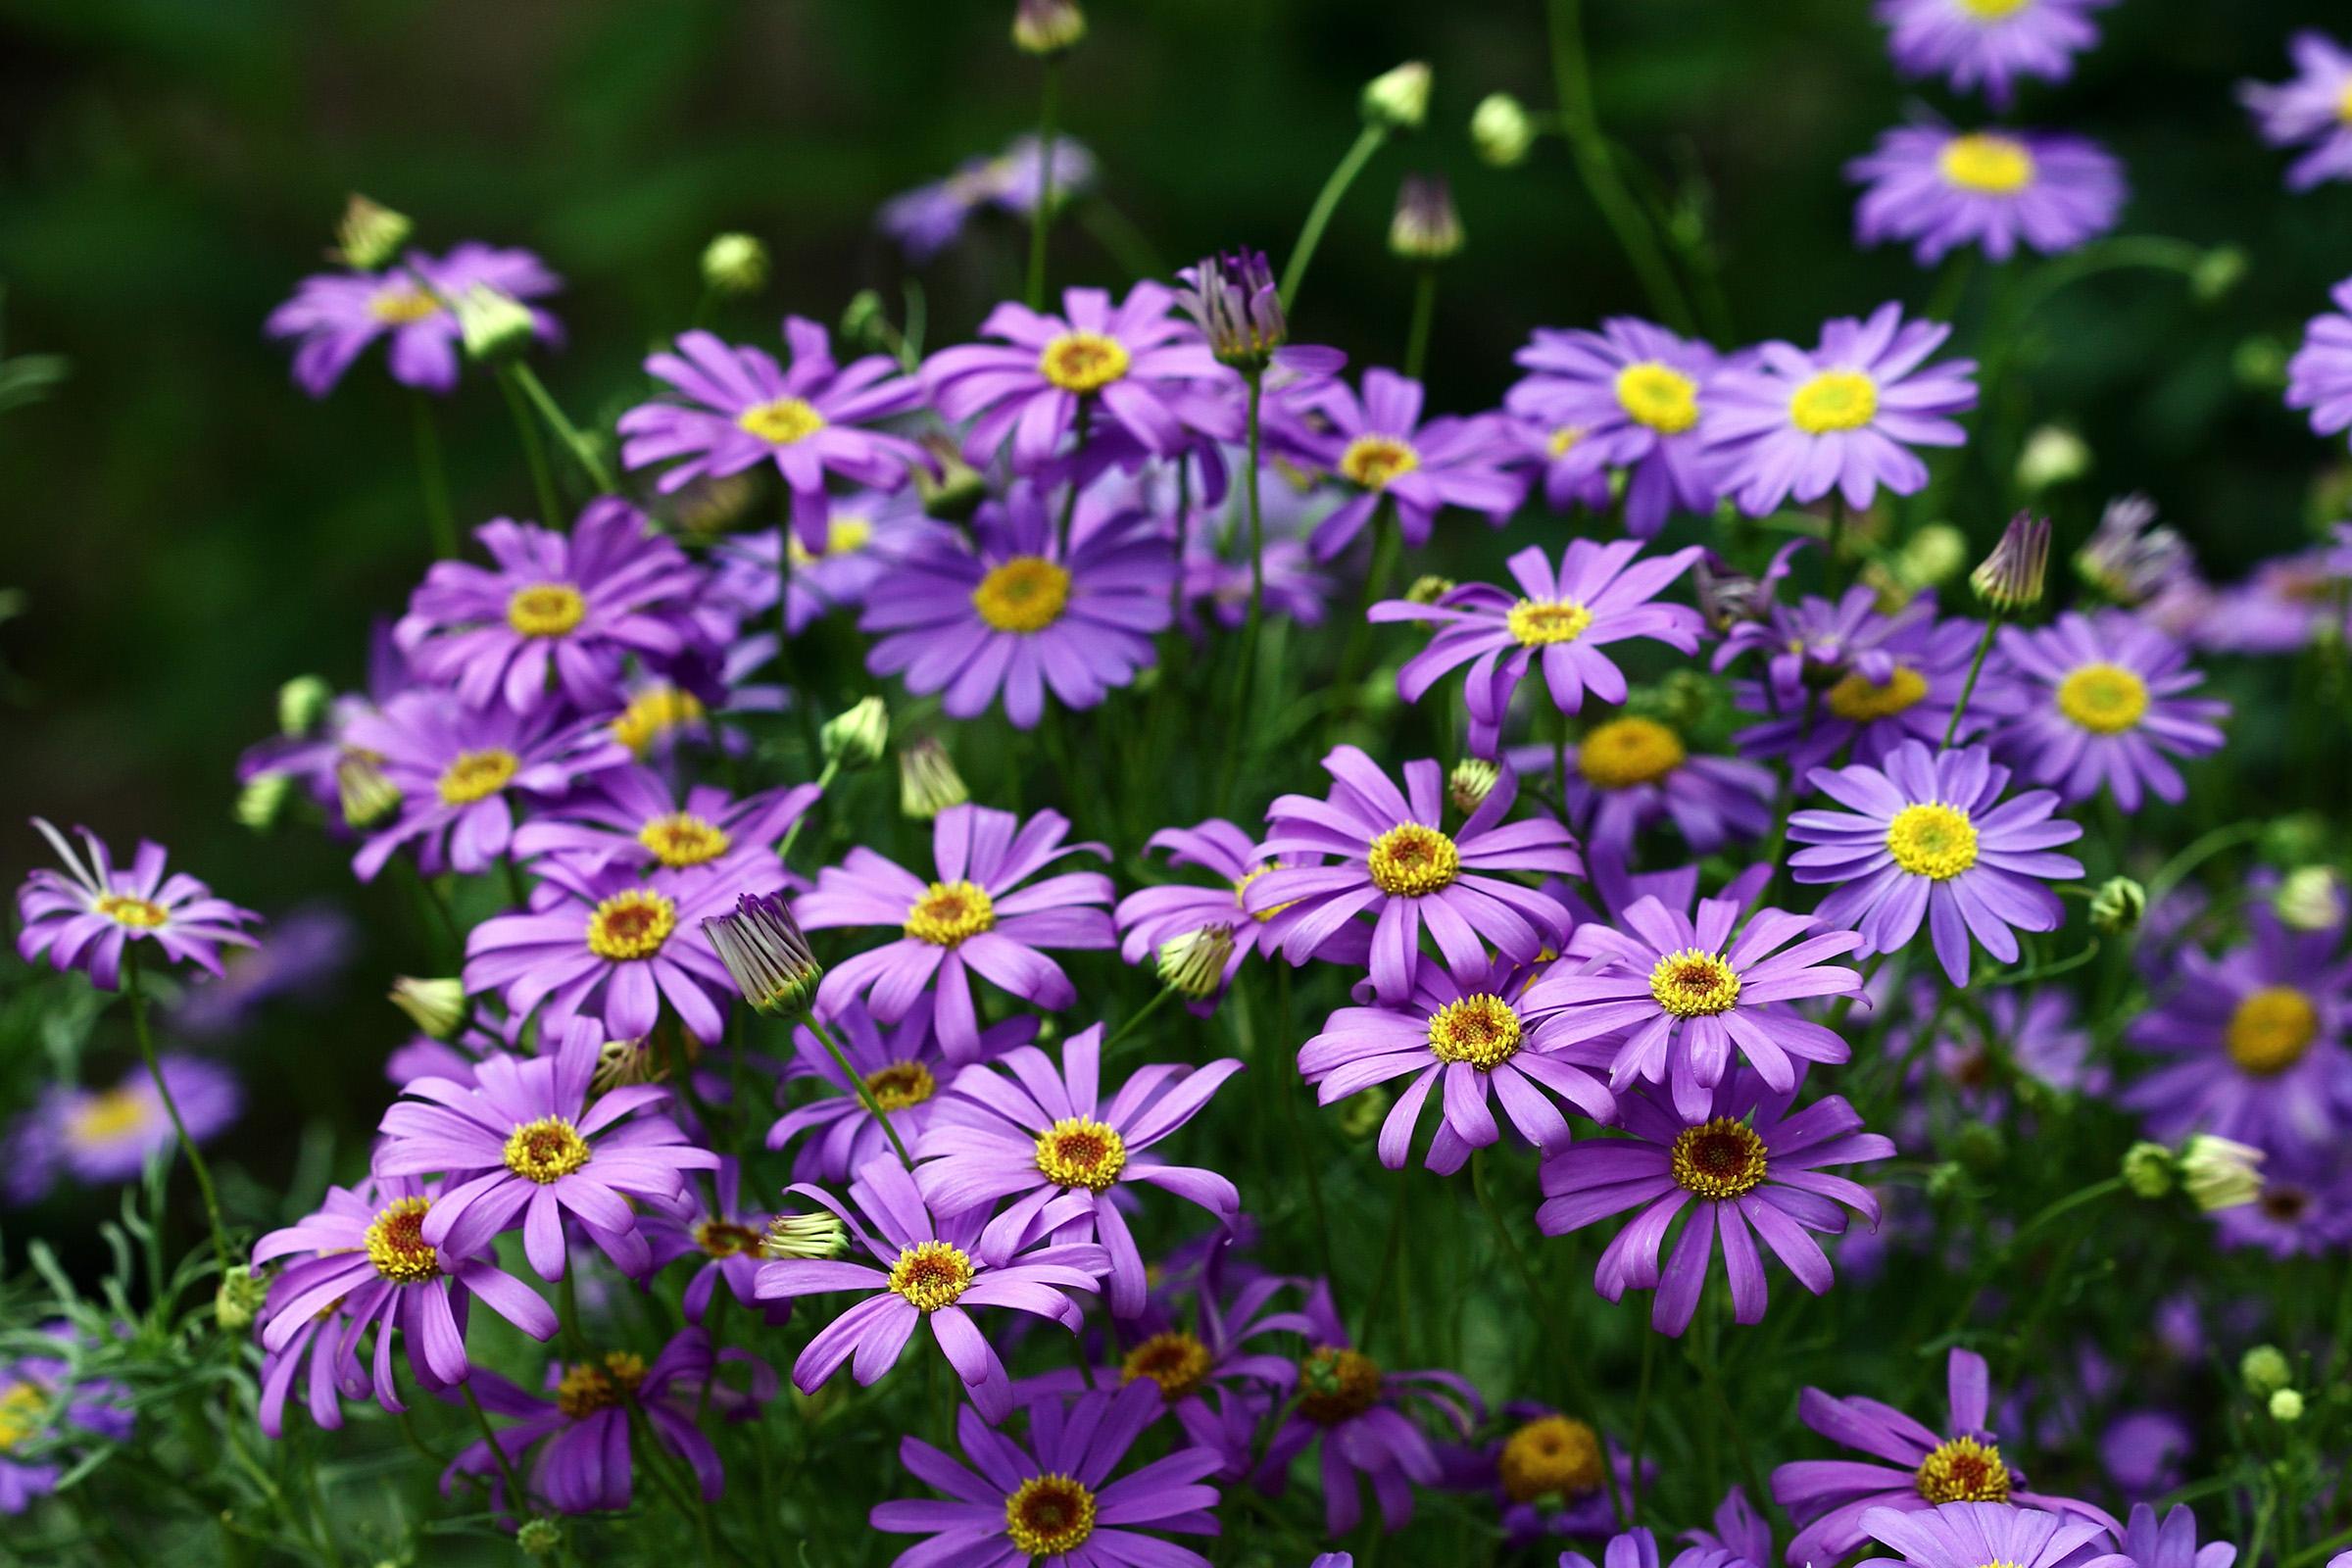 Gėlė Trumpakuodė